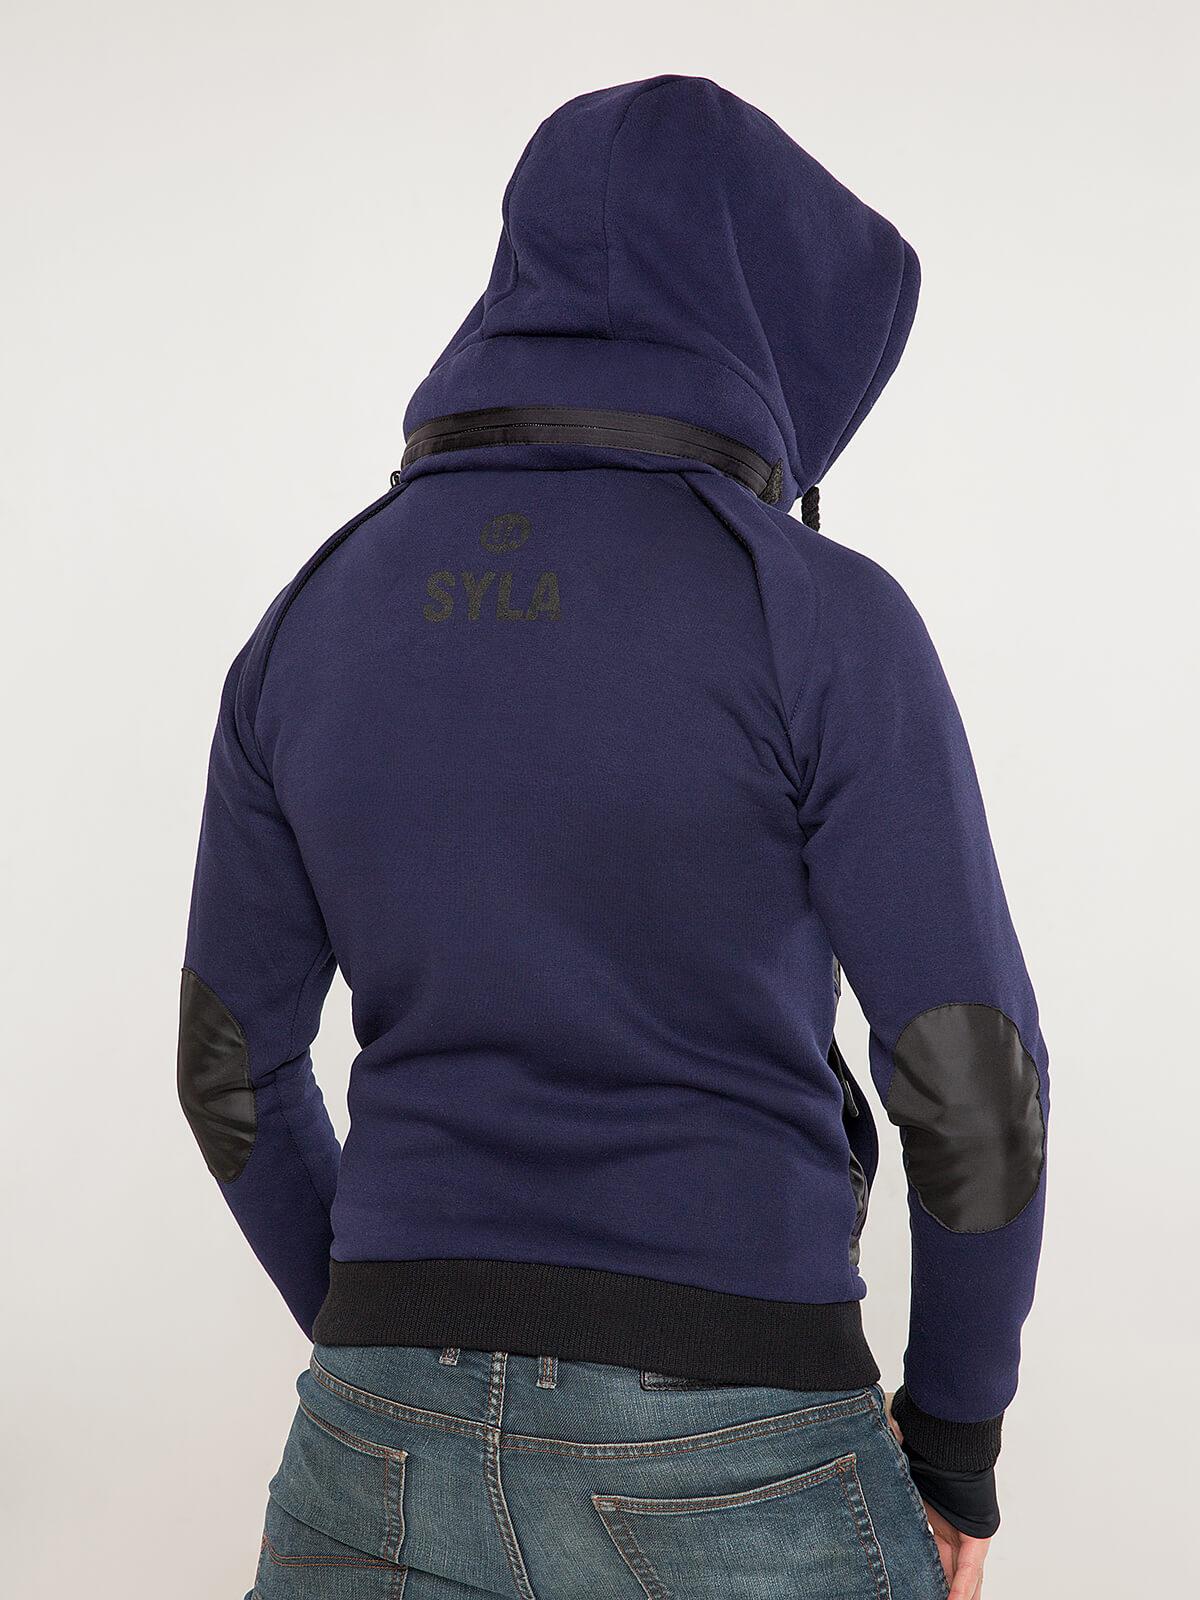 Чоловіче Худі Syla. Колір синій.  Матеріал вставок – оксфорд: 100% поліестер.